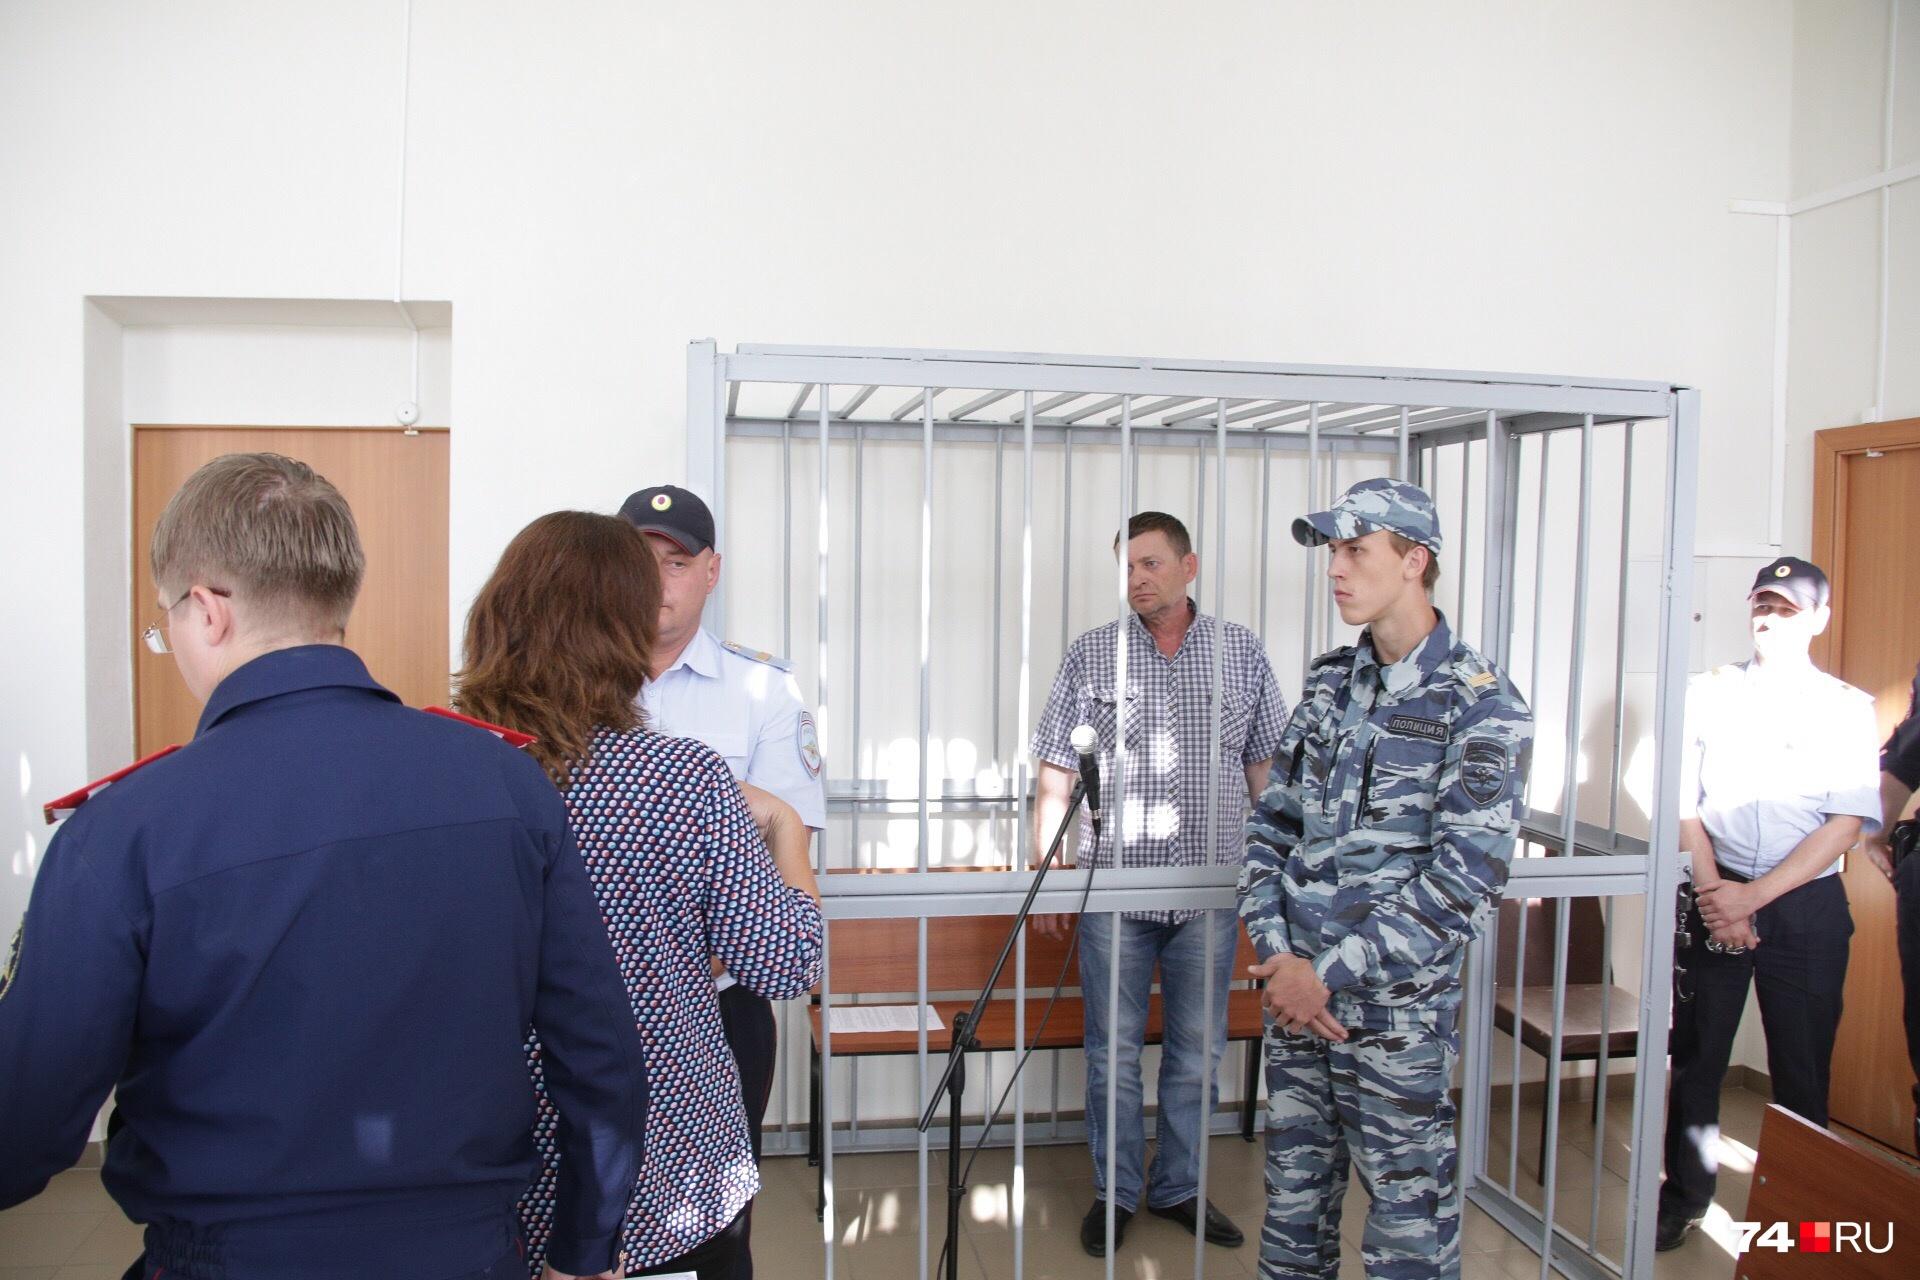 Азата Зарипова отправили под стражу через считаные часы после похорон жены